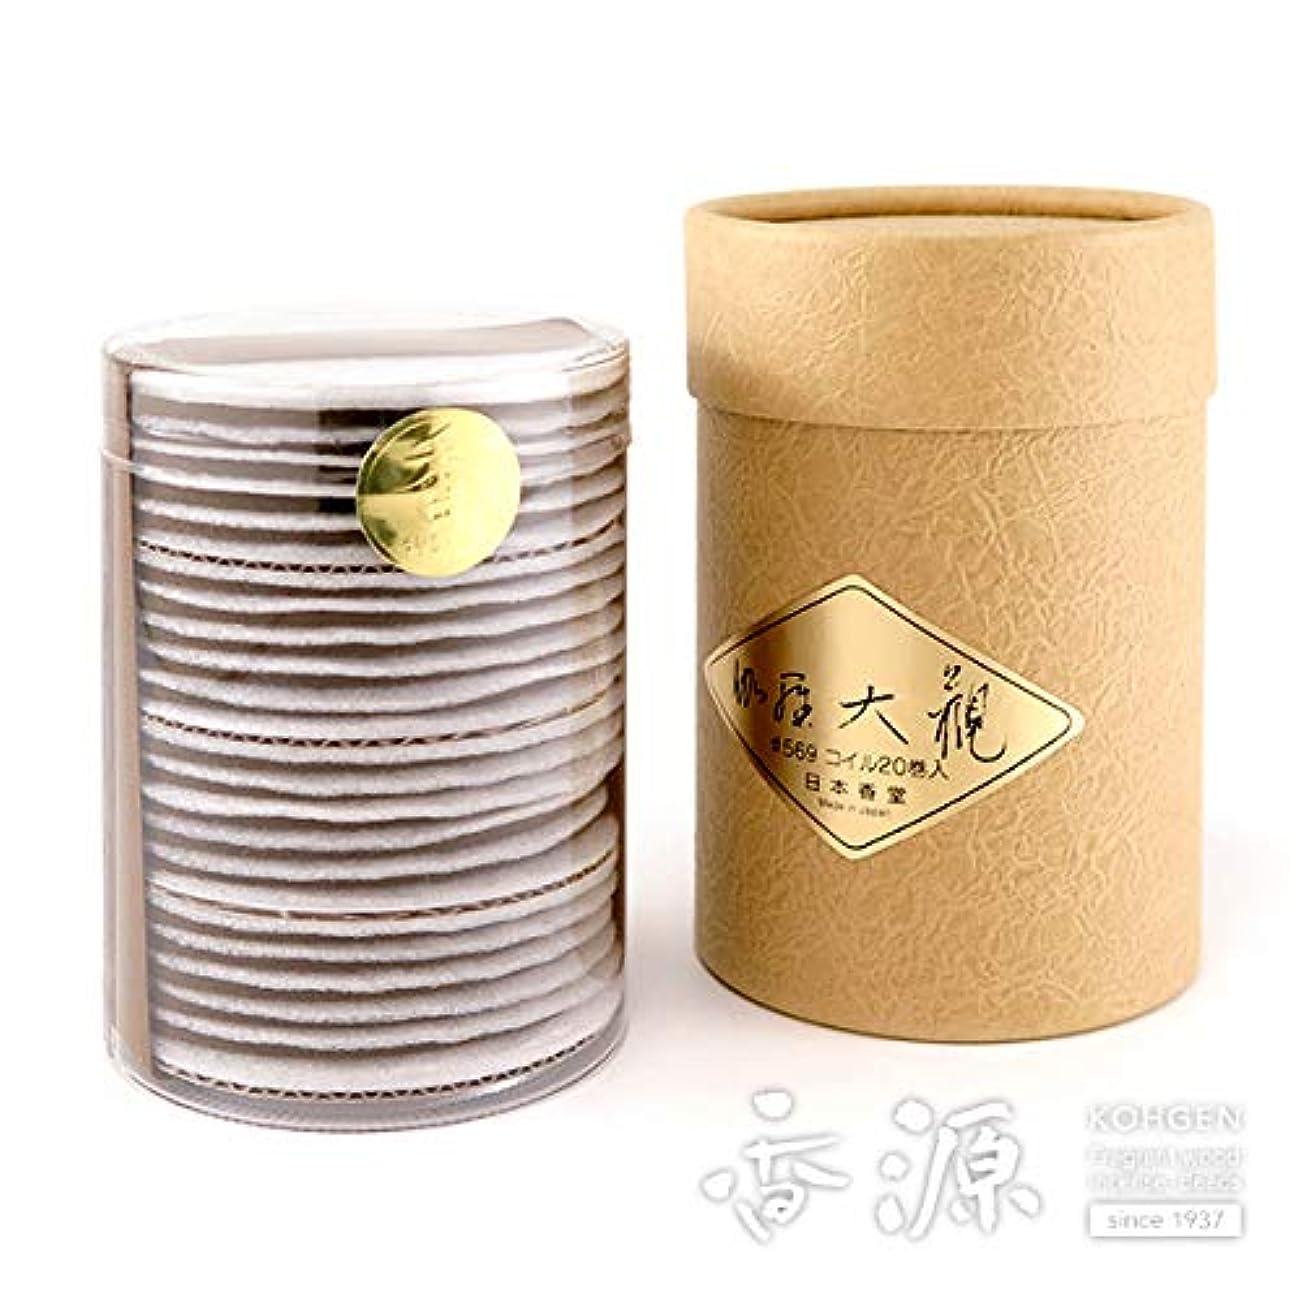 ひどくストレッチ疲れた日本香堂のお香 伽羅大観 徳用渦巻20枚入 【送料無料】